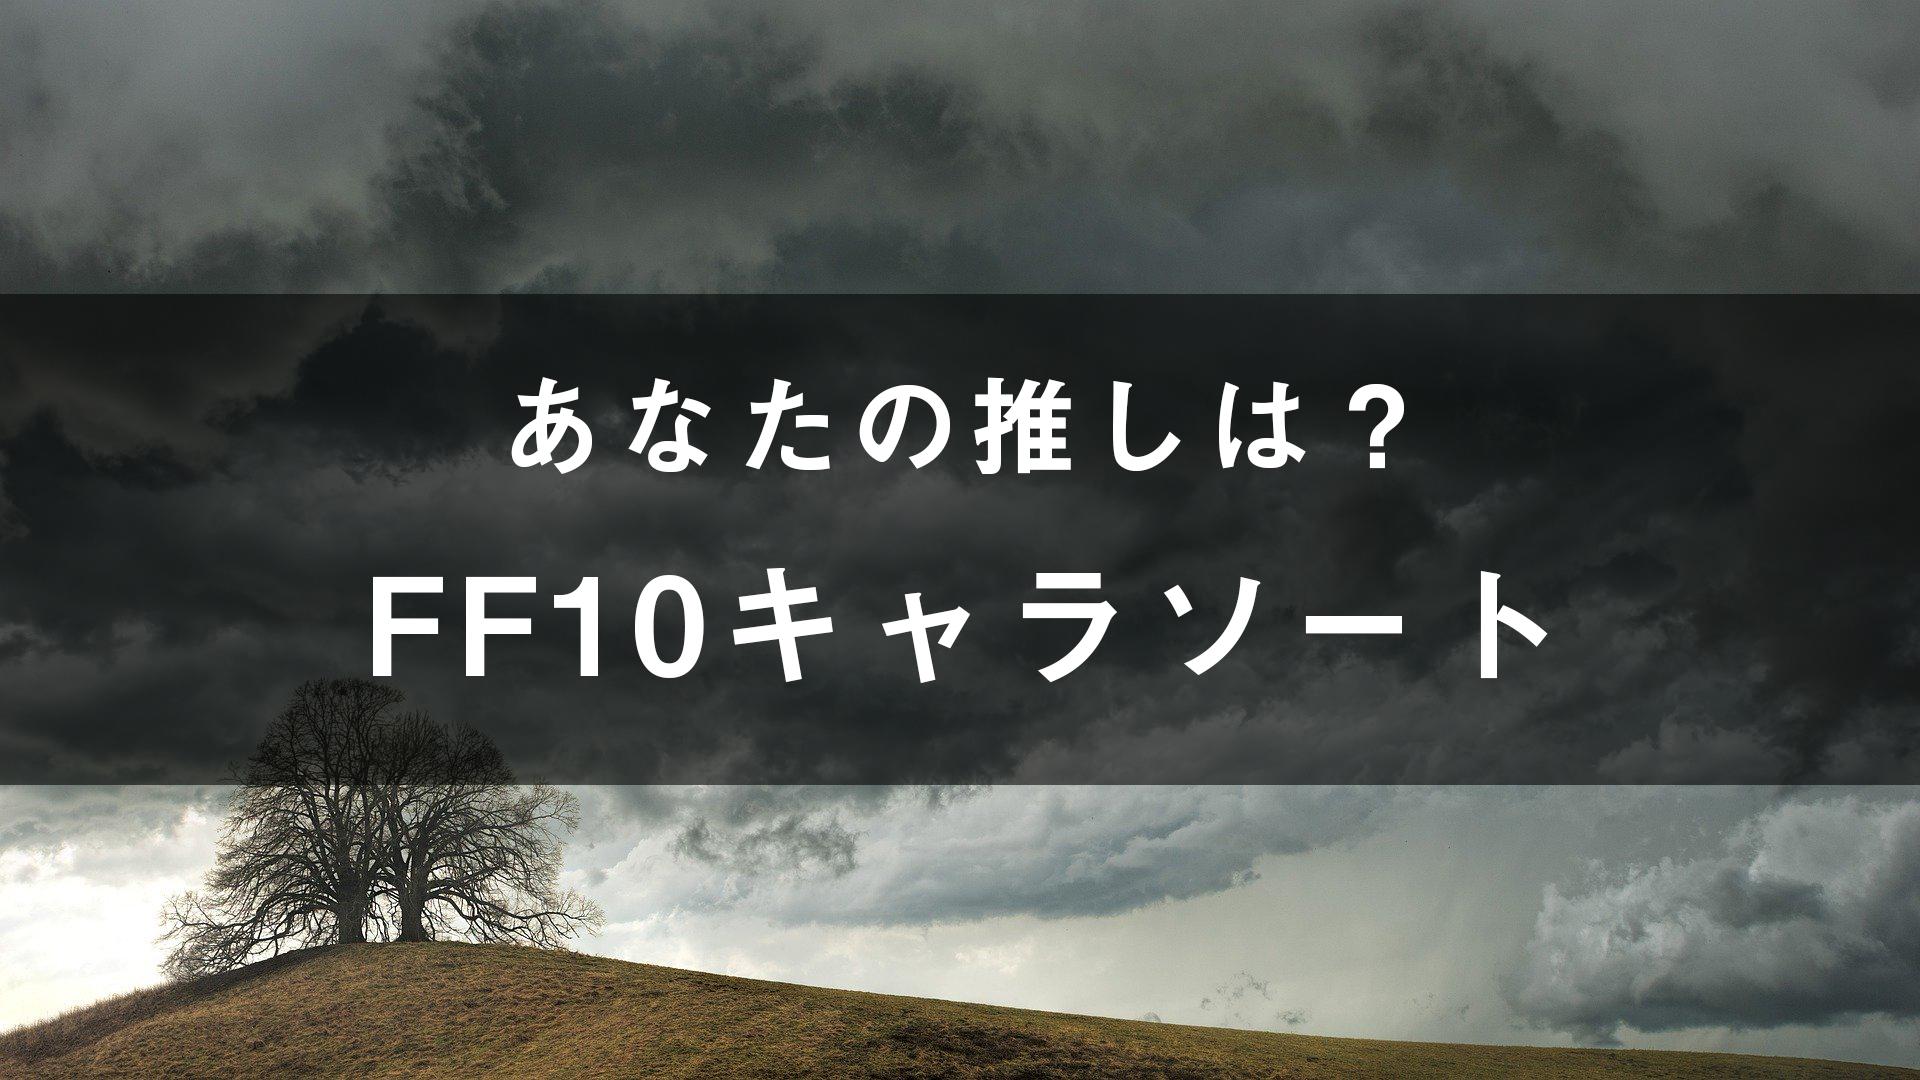 「ファイナルファンタジー10」のキャラソート(画像付き)